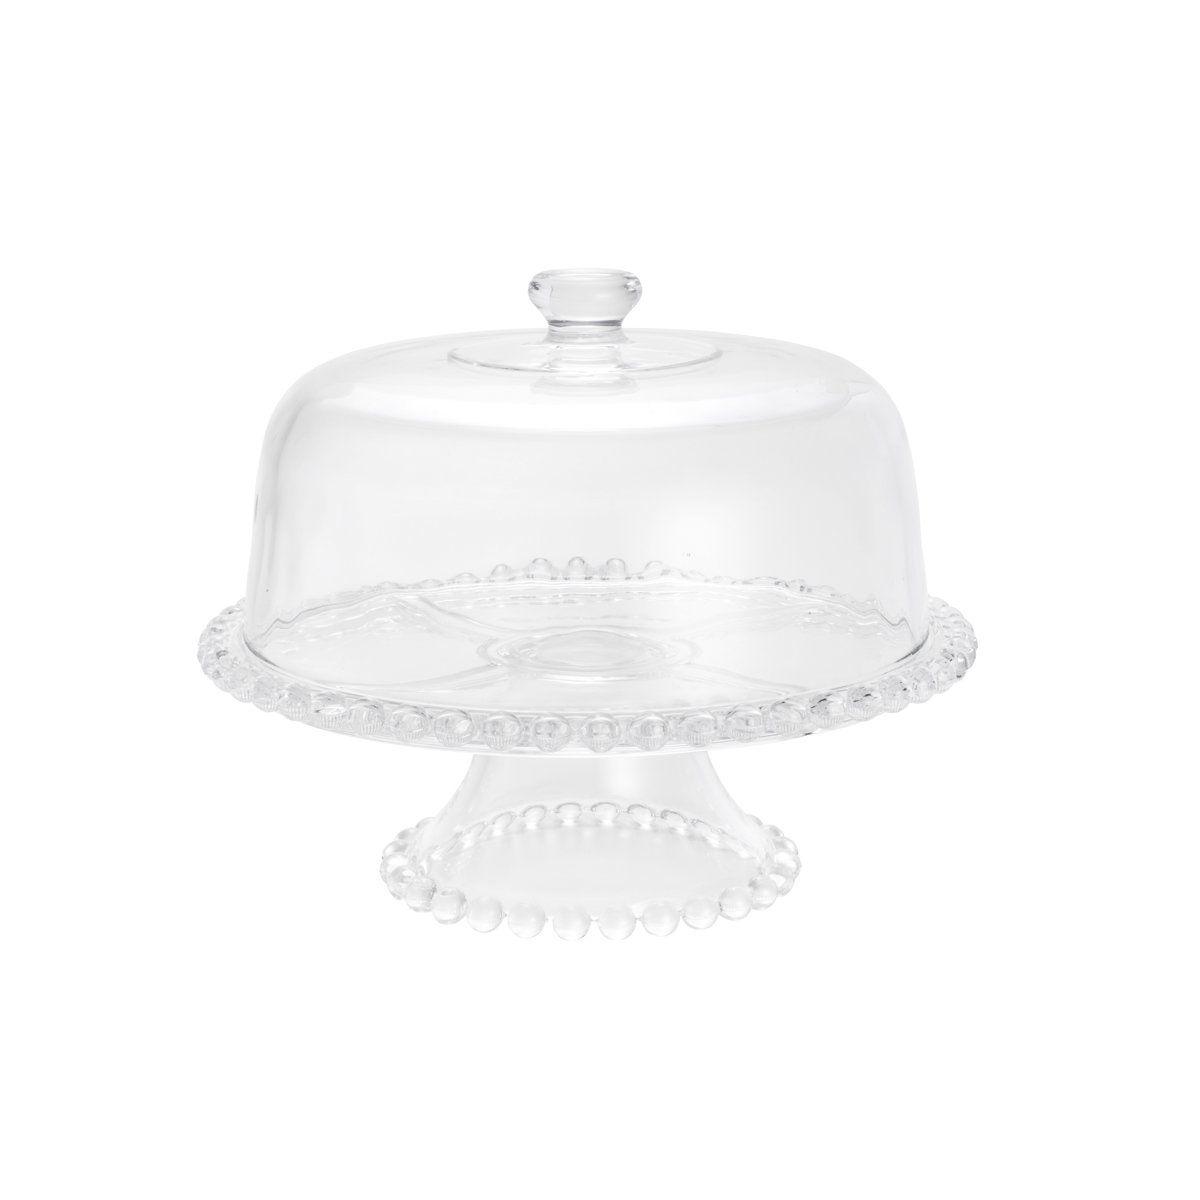 Prato 31 cm para bolo de cristal transparente com pé e tampa Pearl Wolff - 30135